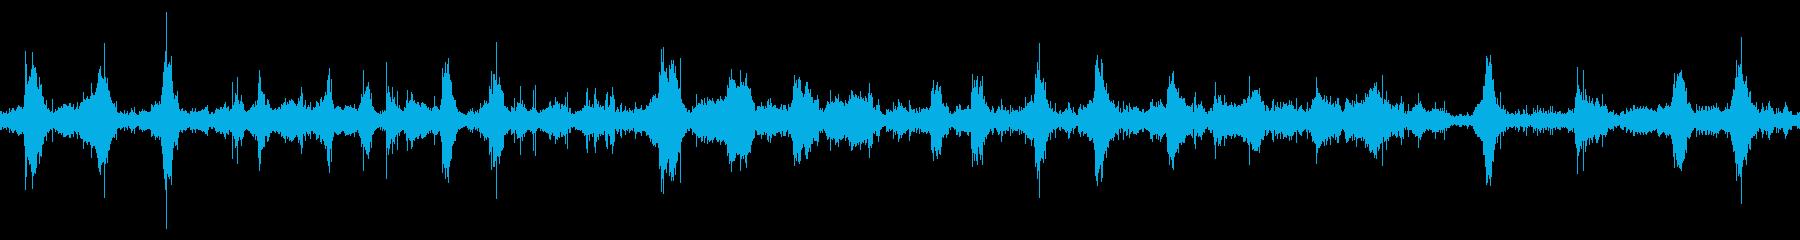 【四国最東端】蒲生田岬の波音05 ループの再生済みの波形